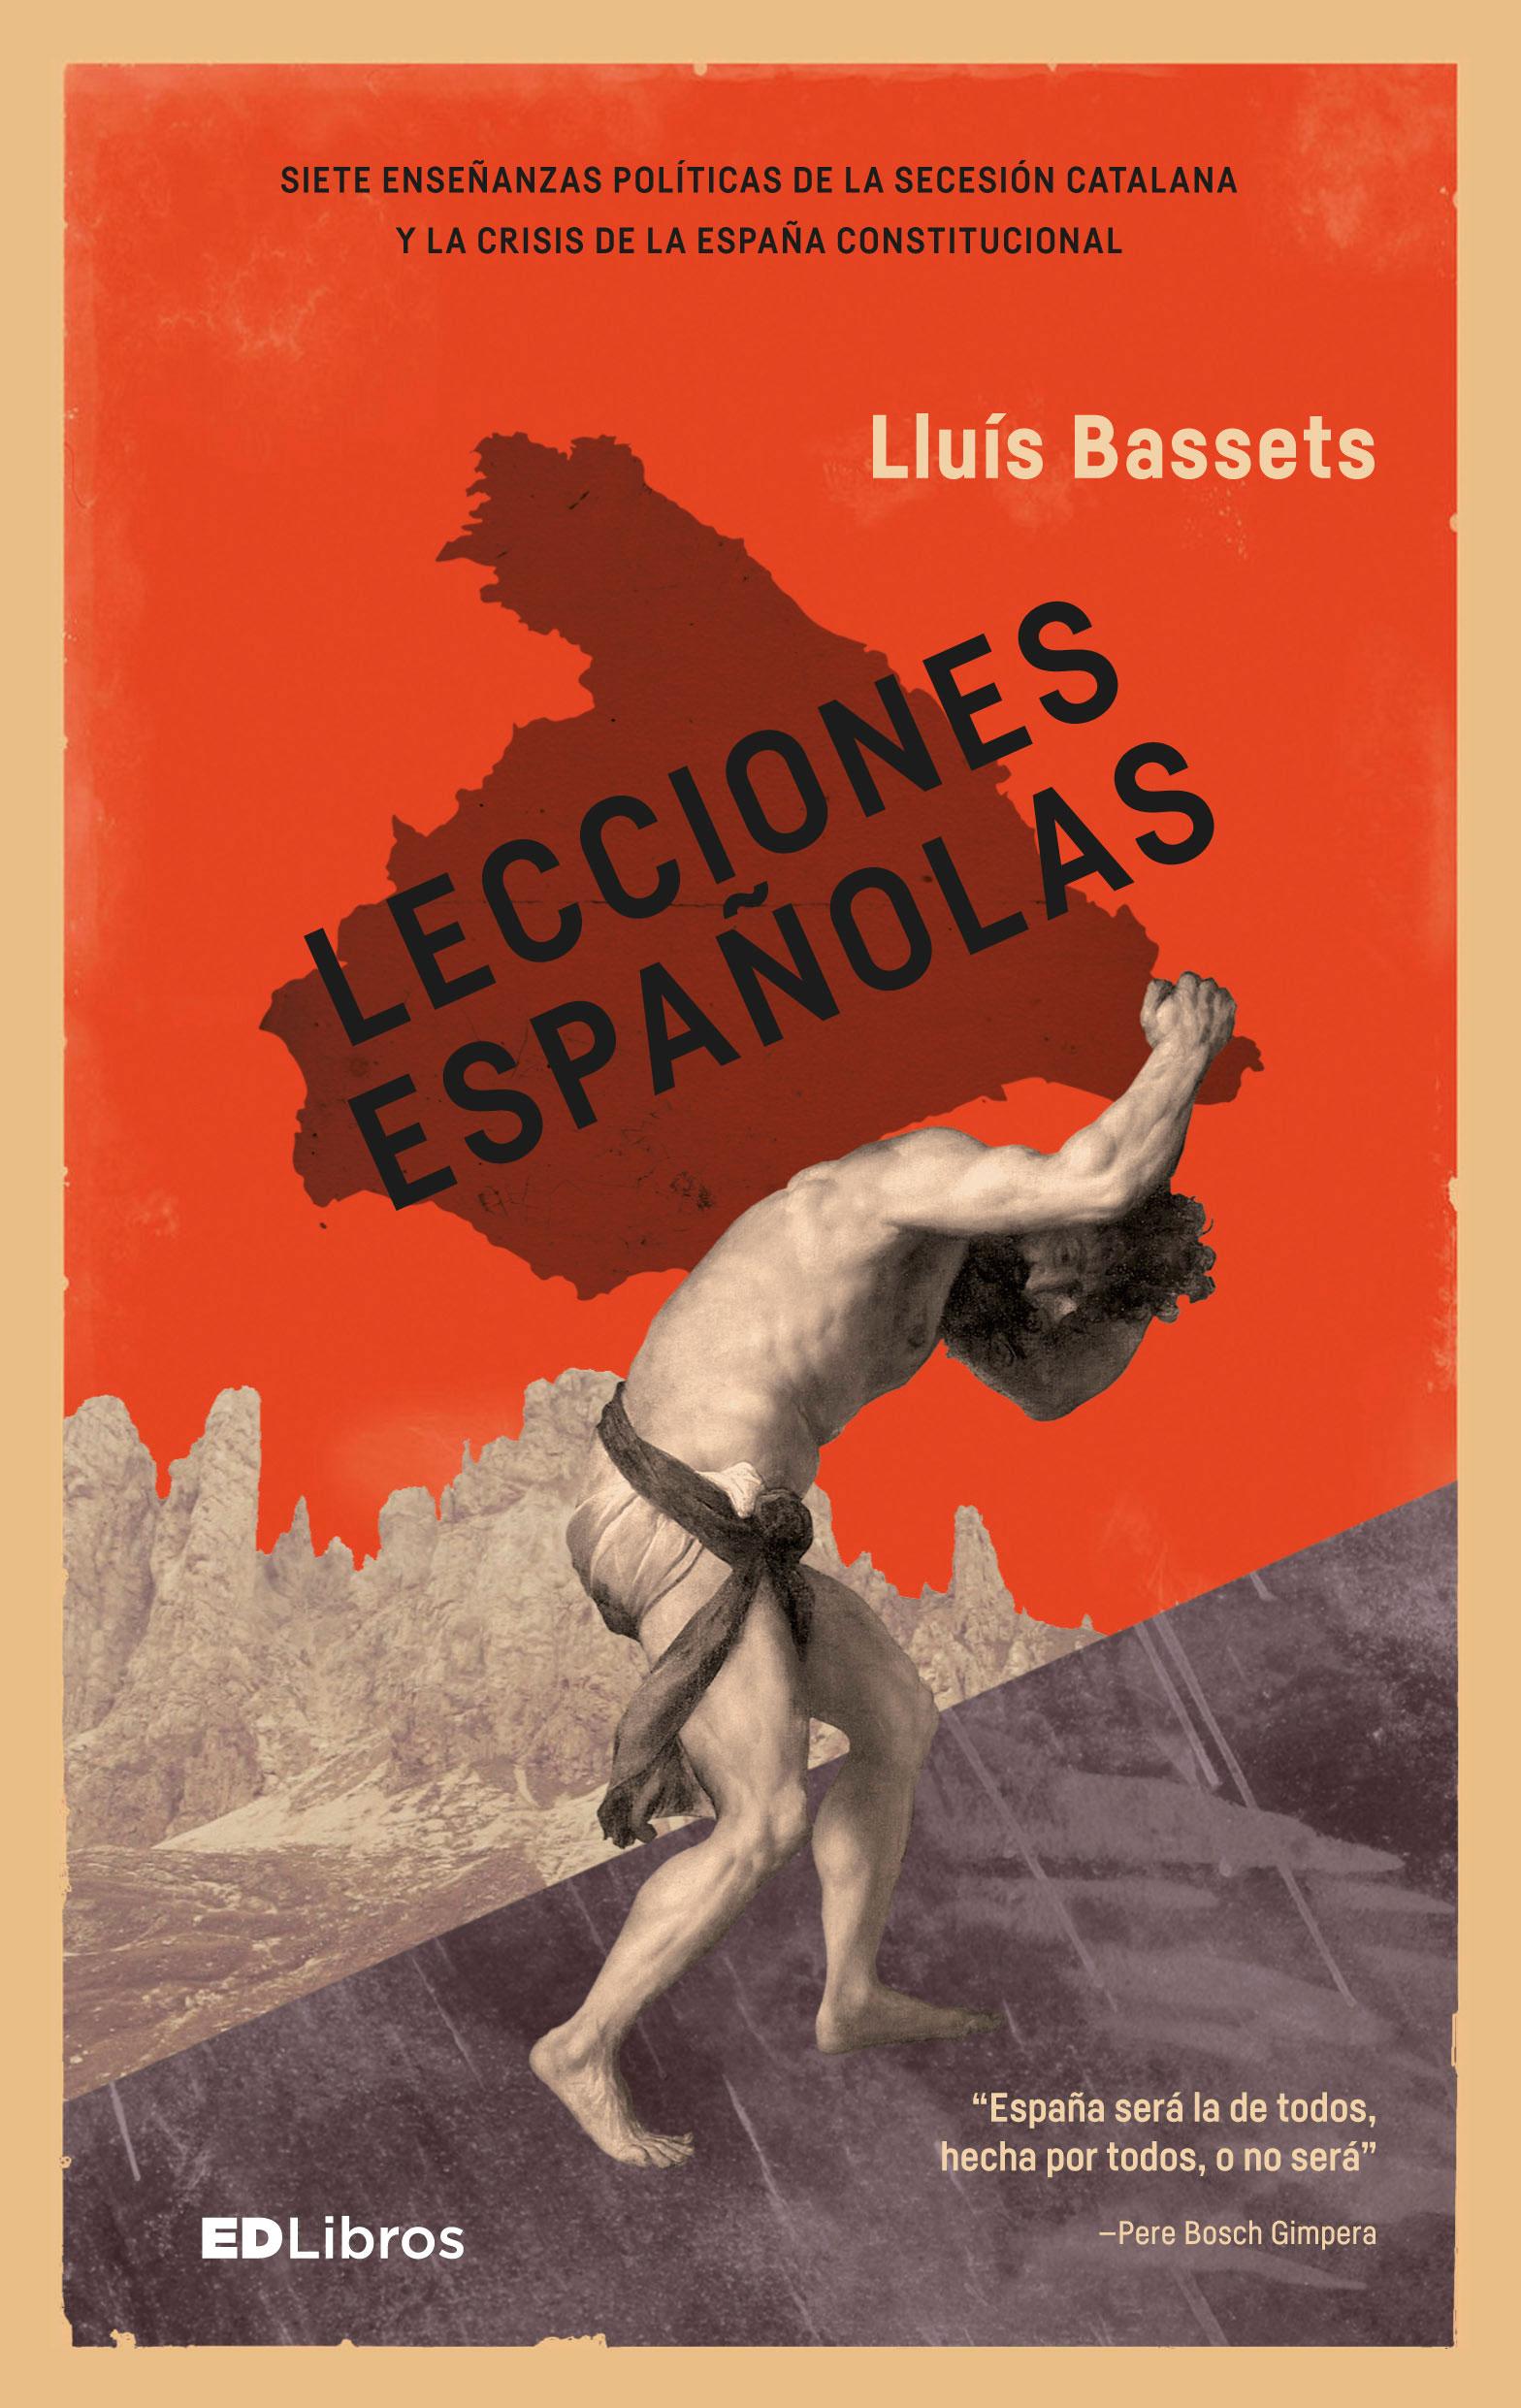 Descarga la portada de 'Lecciones españolas'